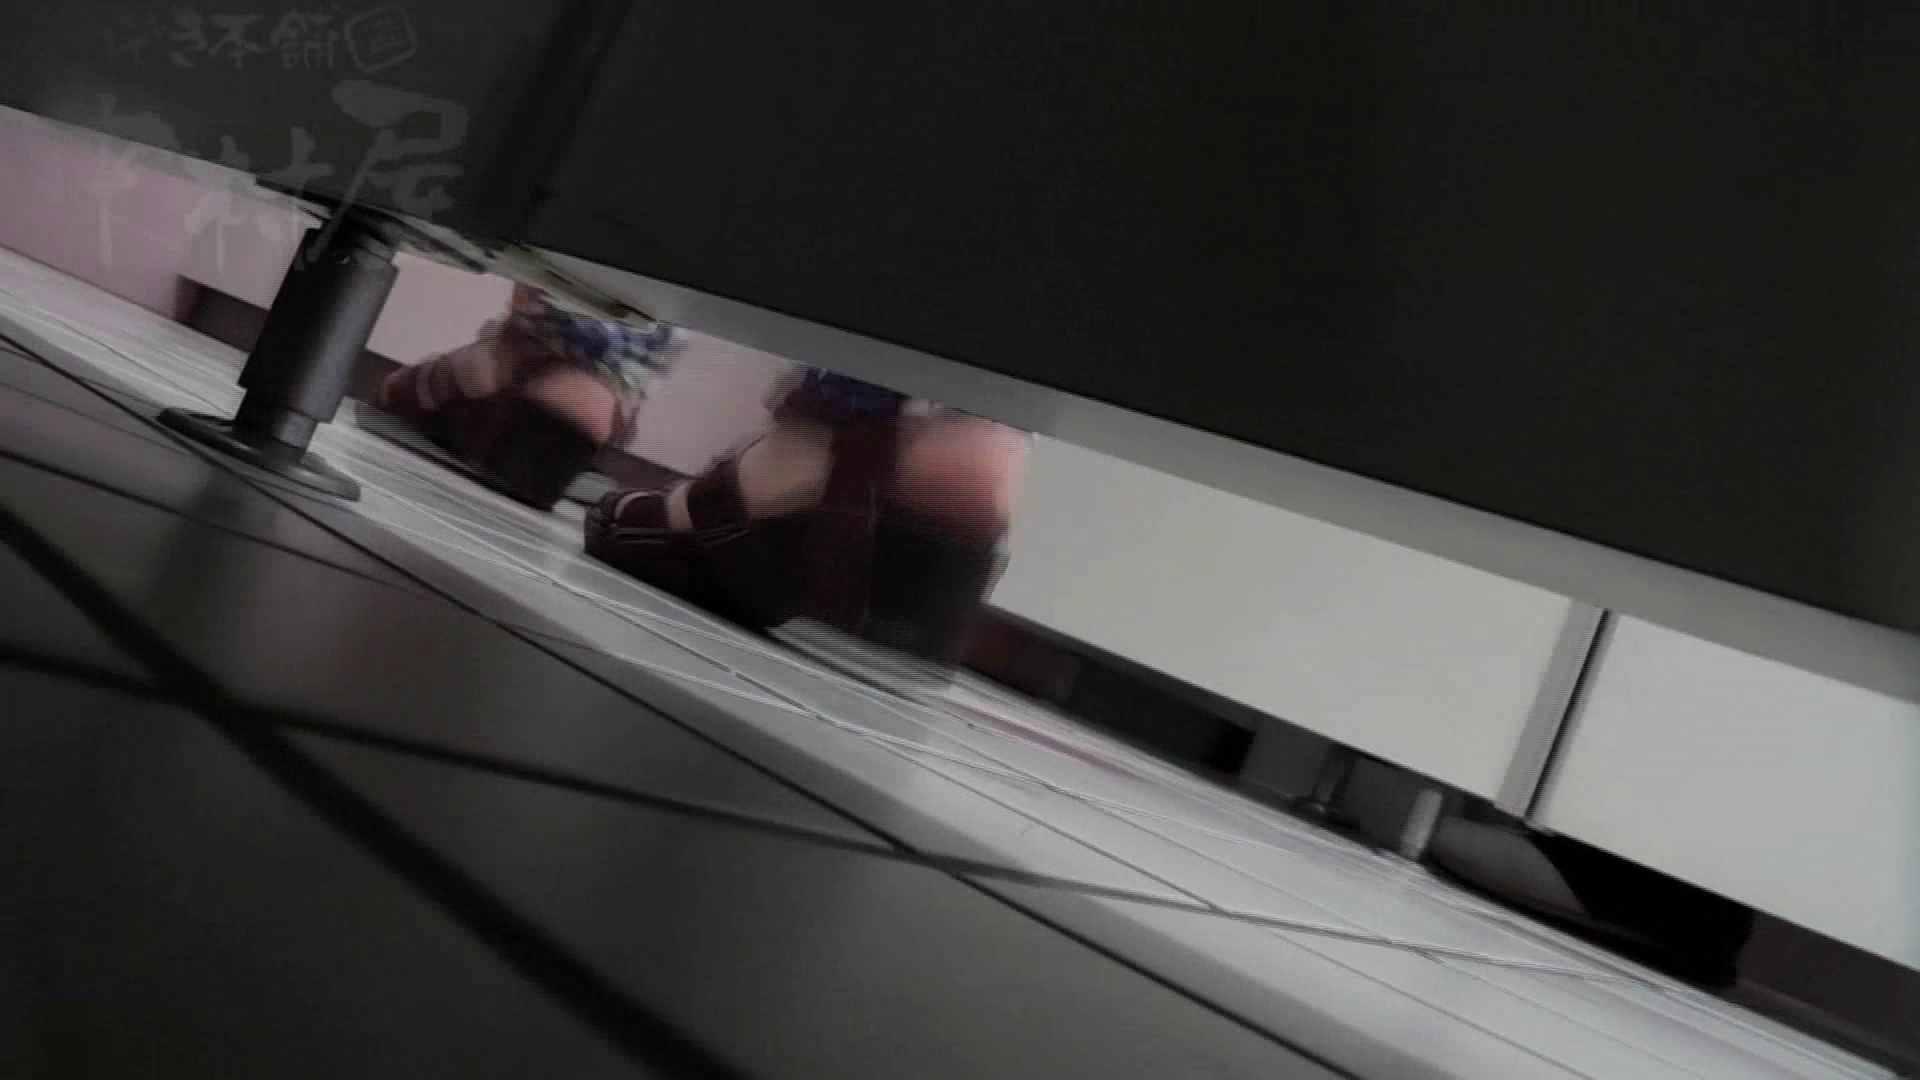 美しい日本の未来 No.22 未来進歩3 感動レベル予告のモデルつい登場か!! 高画質 ぱこり動画紹介 60連発 48